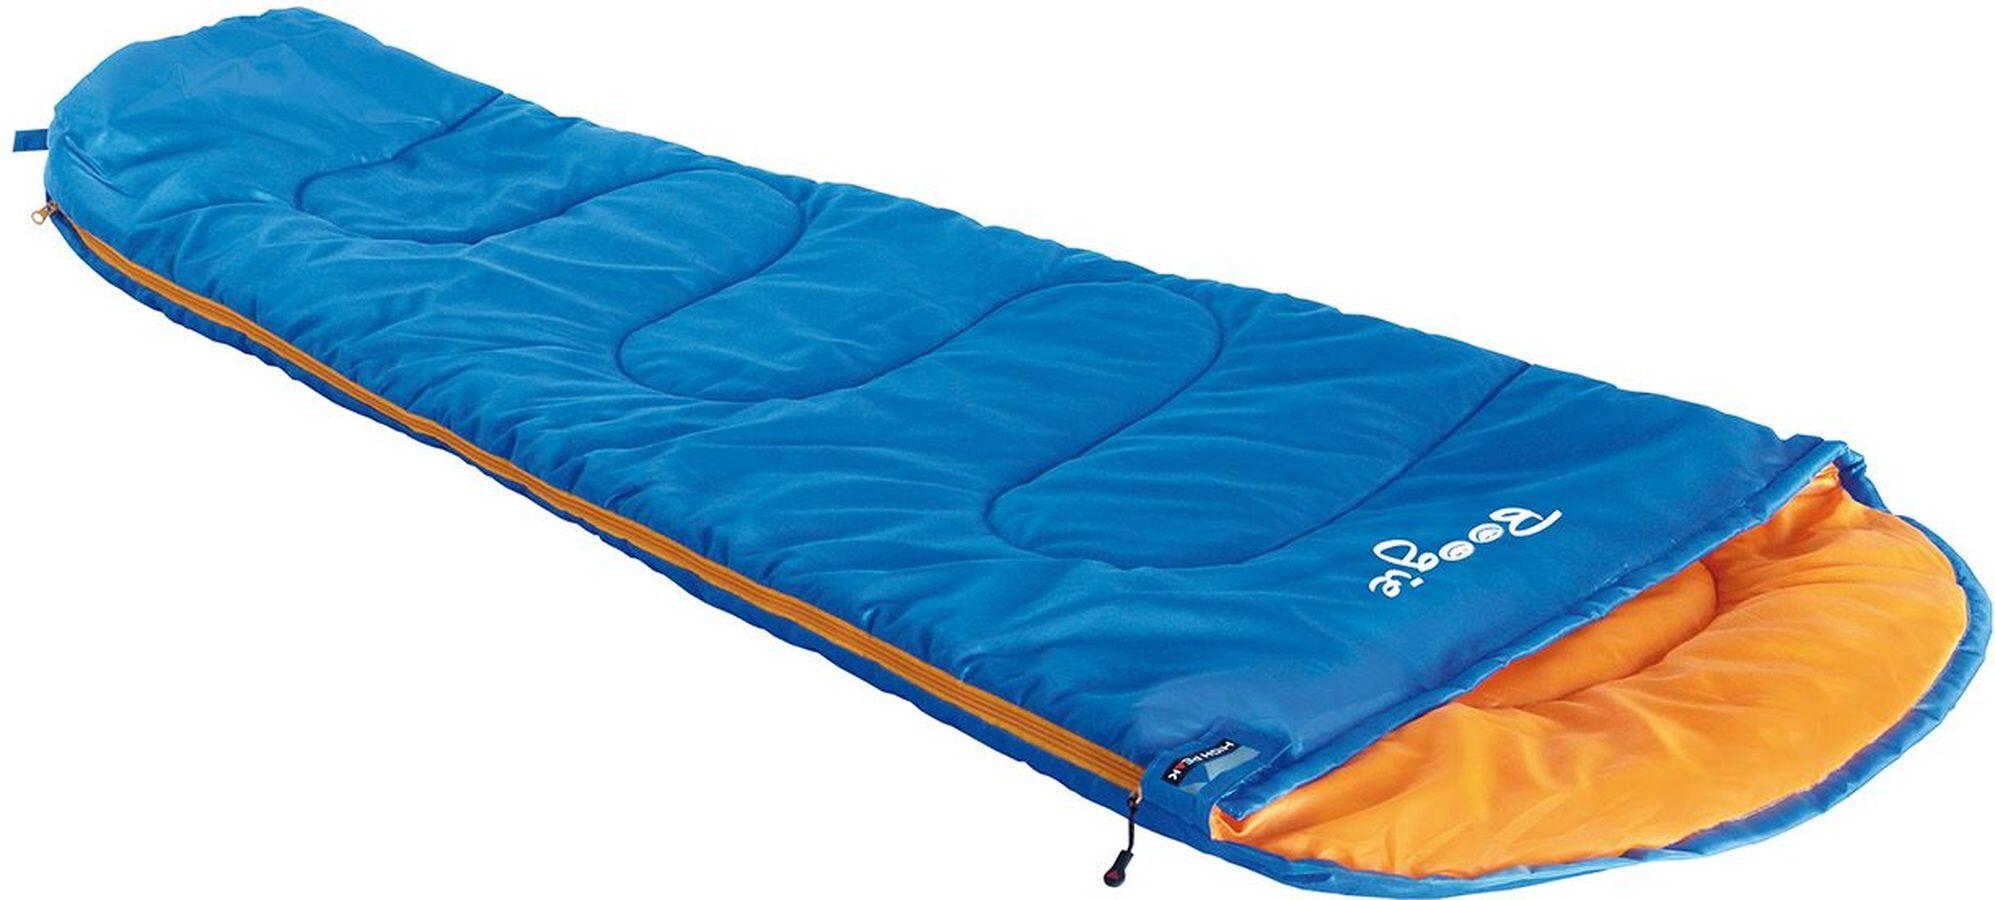 High Peak Boogie Sovepose venstre Børn, blue/orange (2019)   Misc. Transportation and Storage